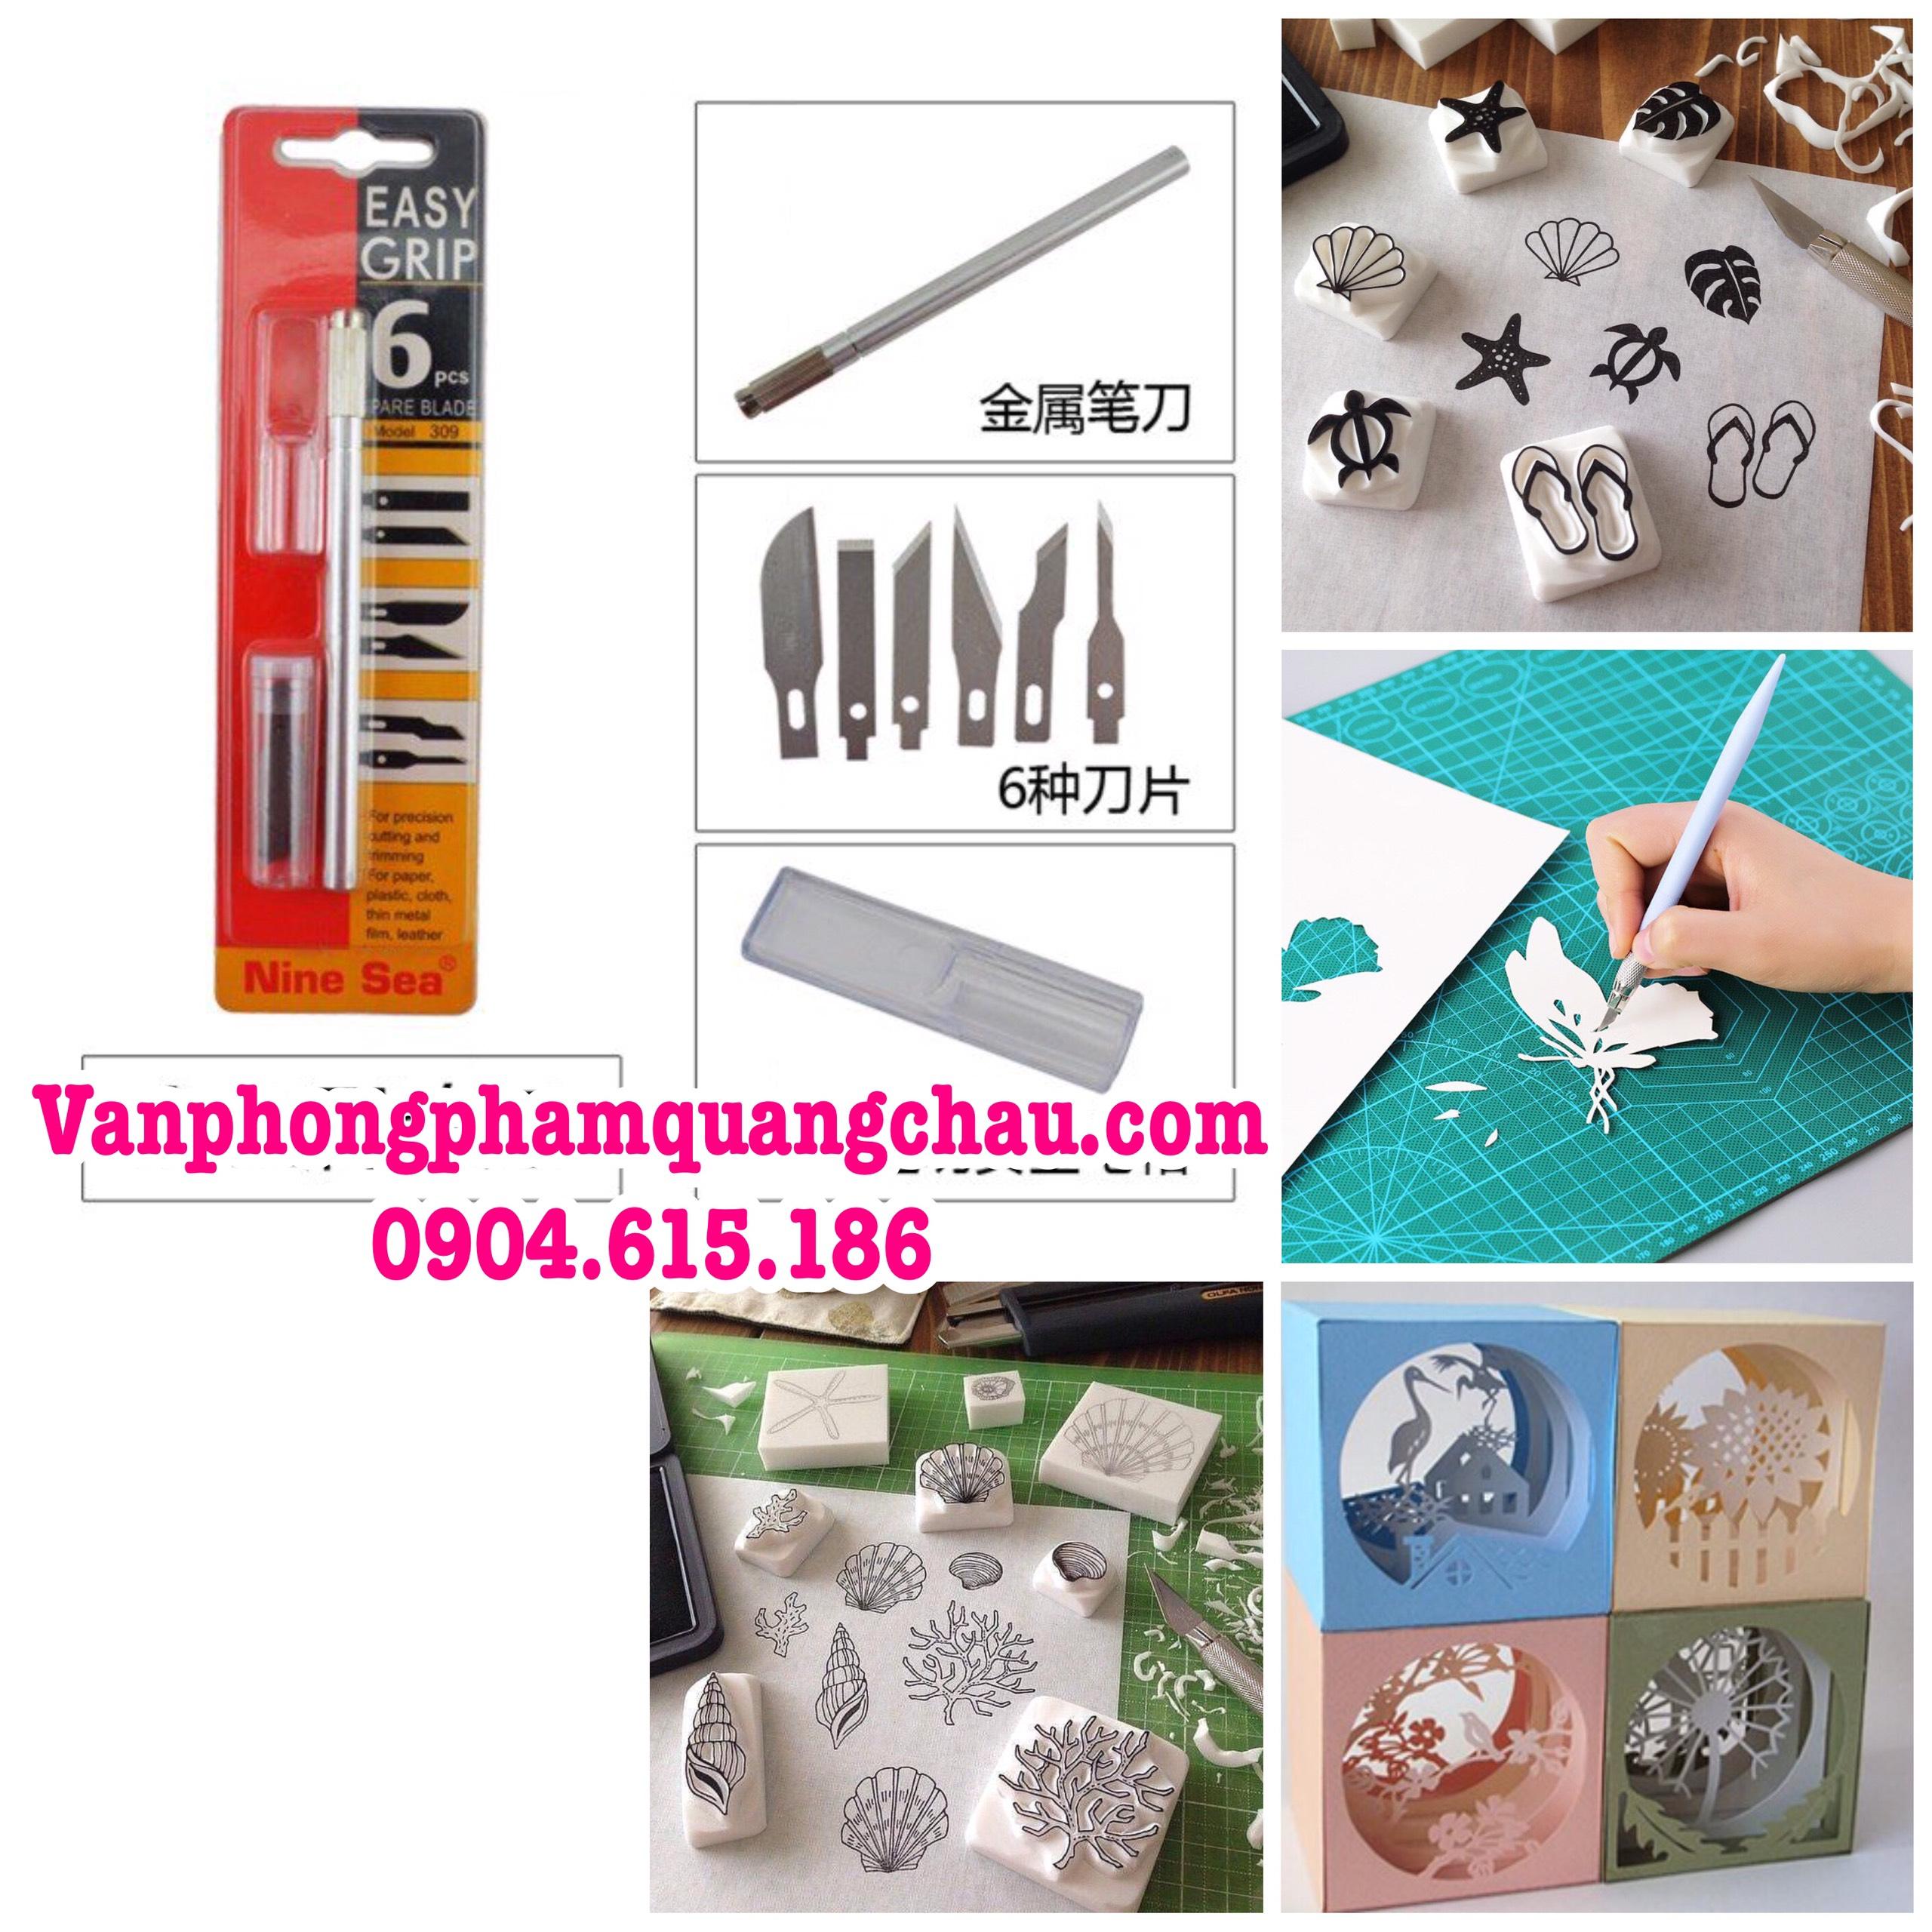 Bộ dụng cụ cắt, tỉa mô hình giấy, cao su - Easy grip 9sea - (Kèm 06 lưỡi dao)_CT11.2